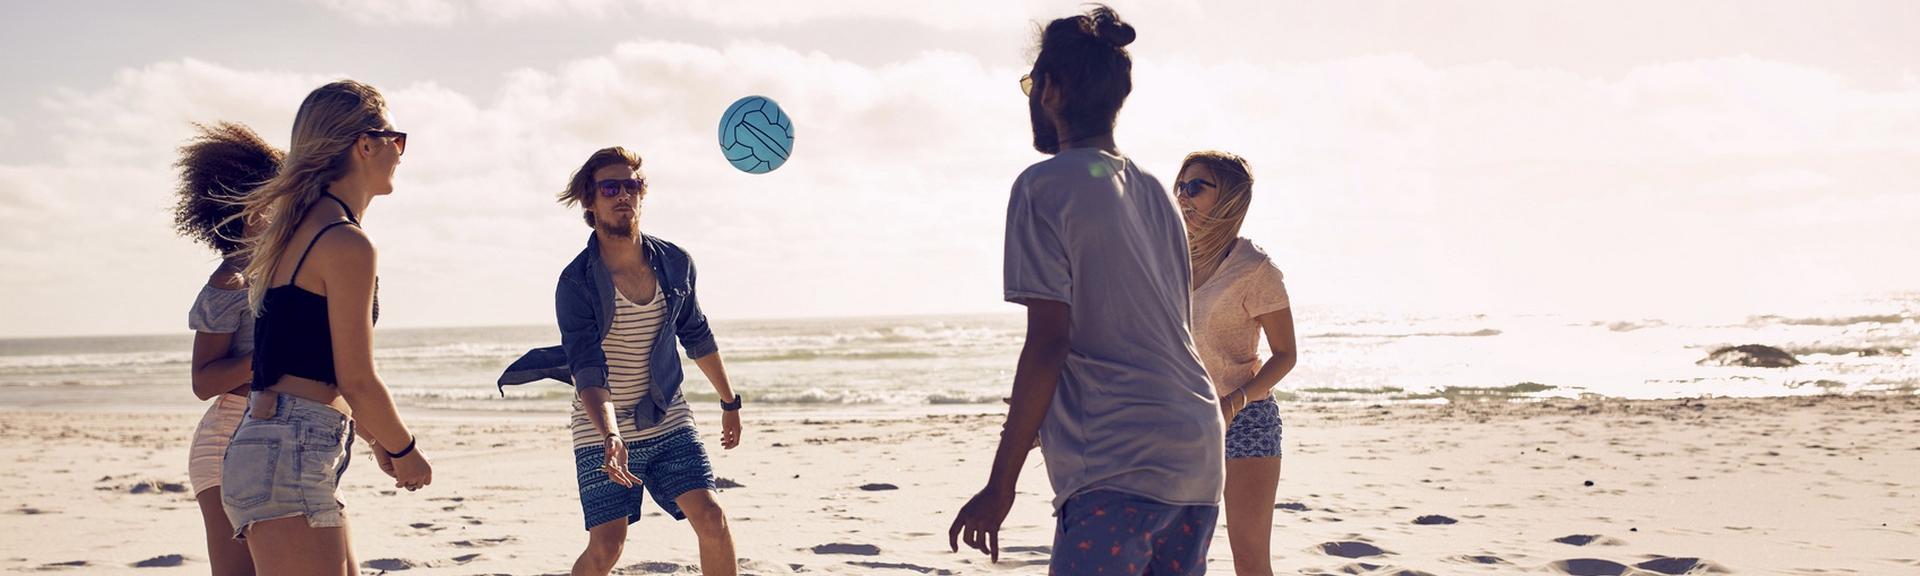 Vacances d'été, comment rester actif sur la plage ?